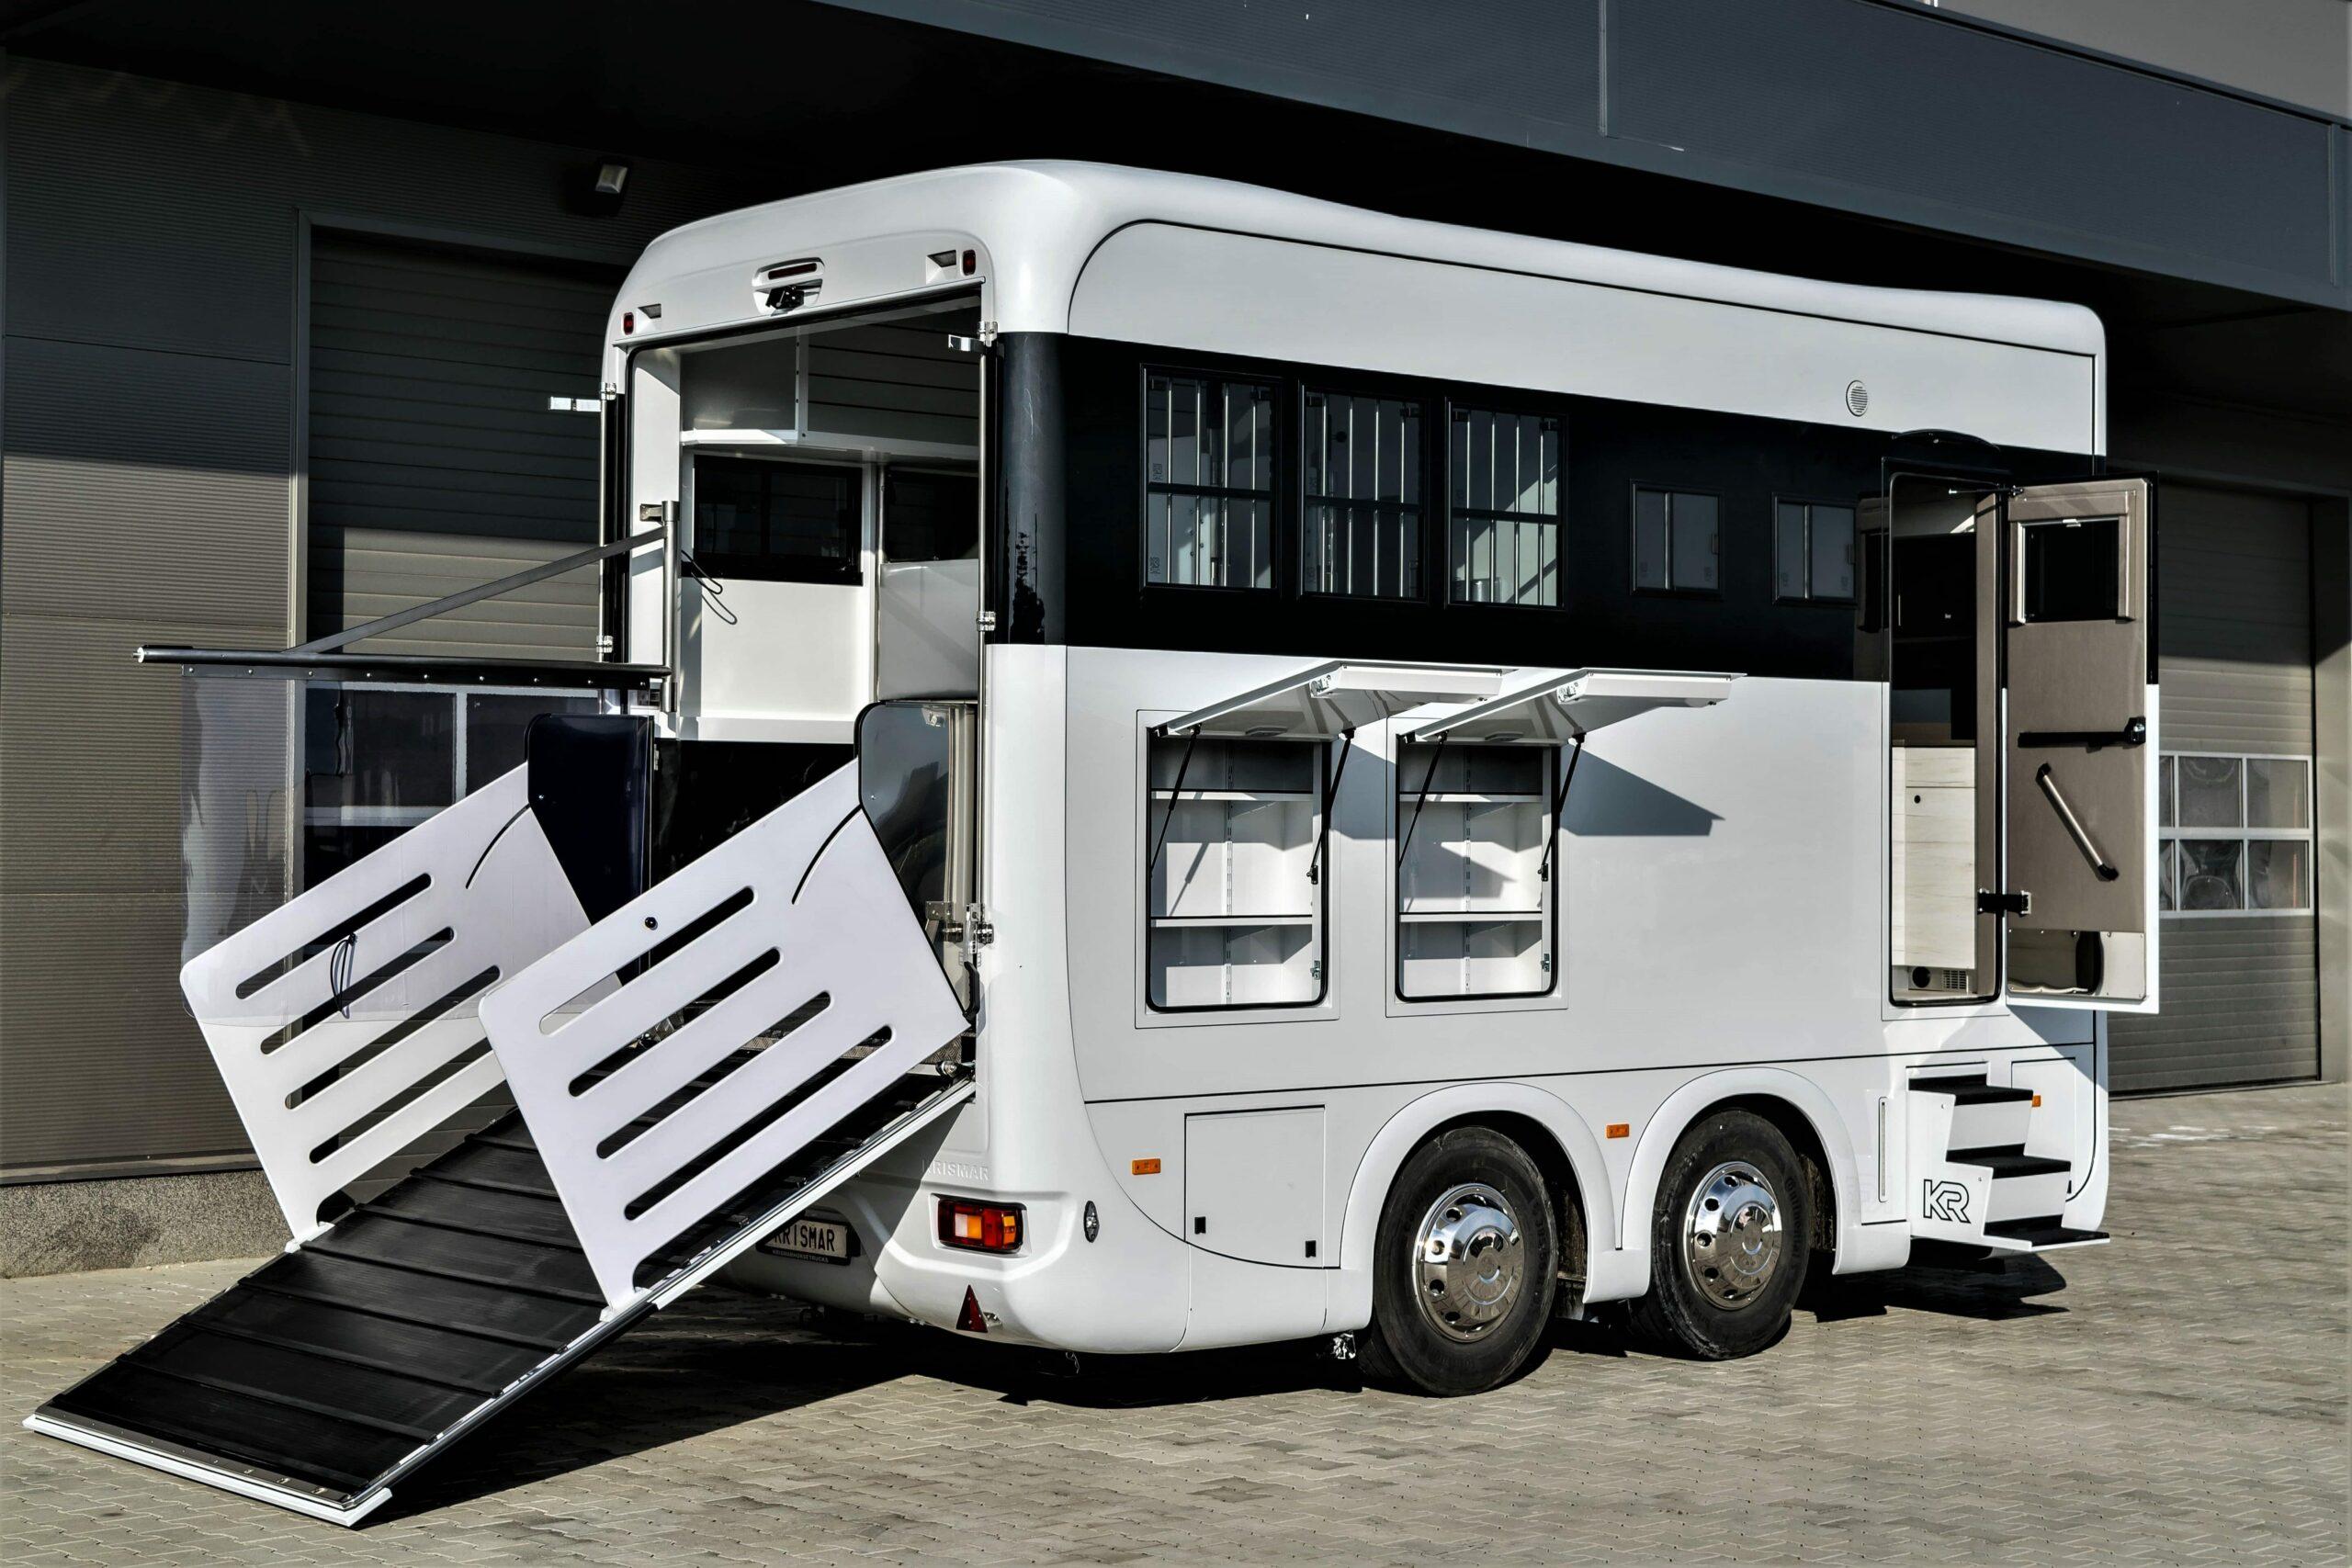 Krismar trailer 3 paarden en leefruimte